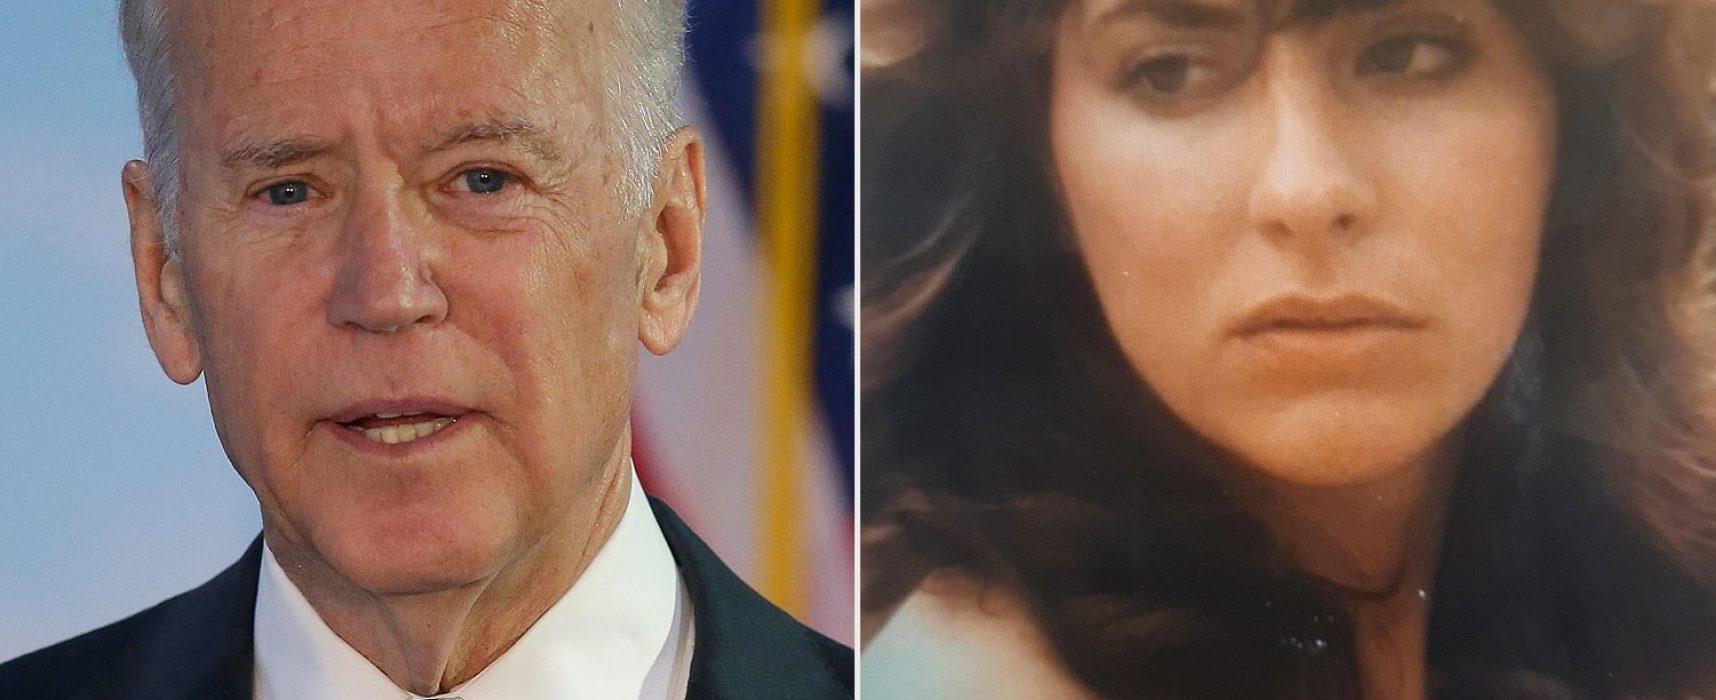 Фейк Первого канала: американские СМИ замалчивают обвинение Байдена в сексуальных домогательствах